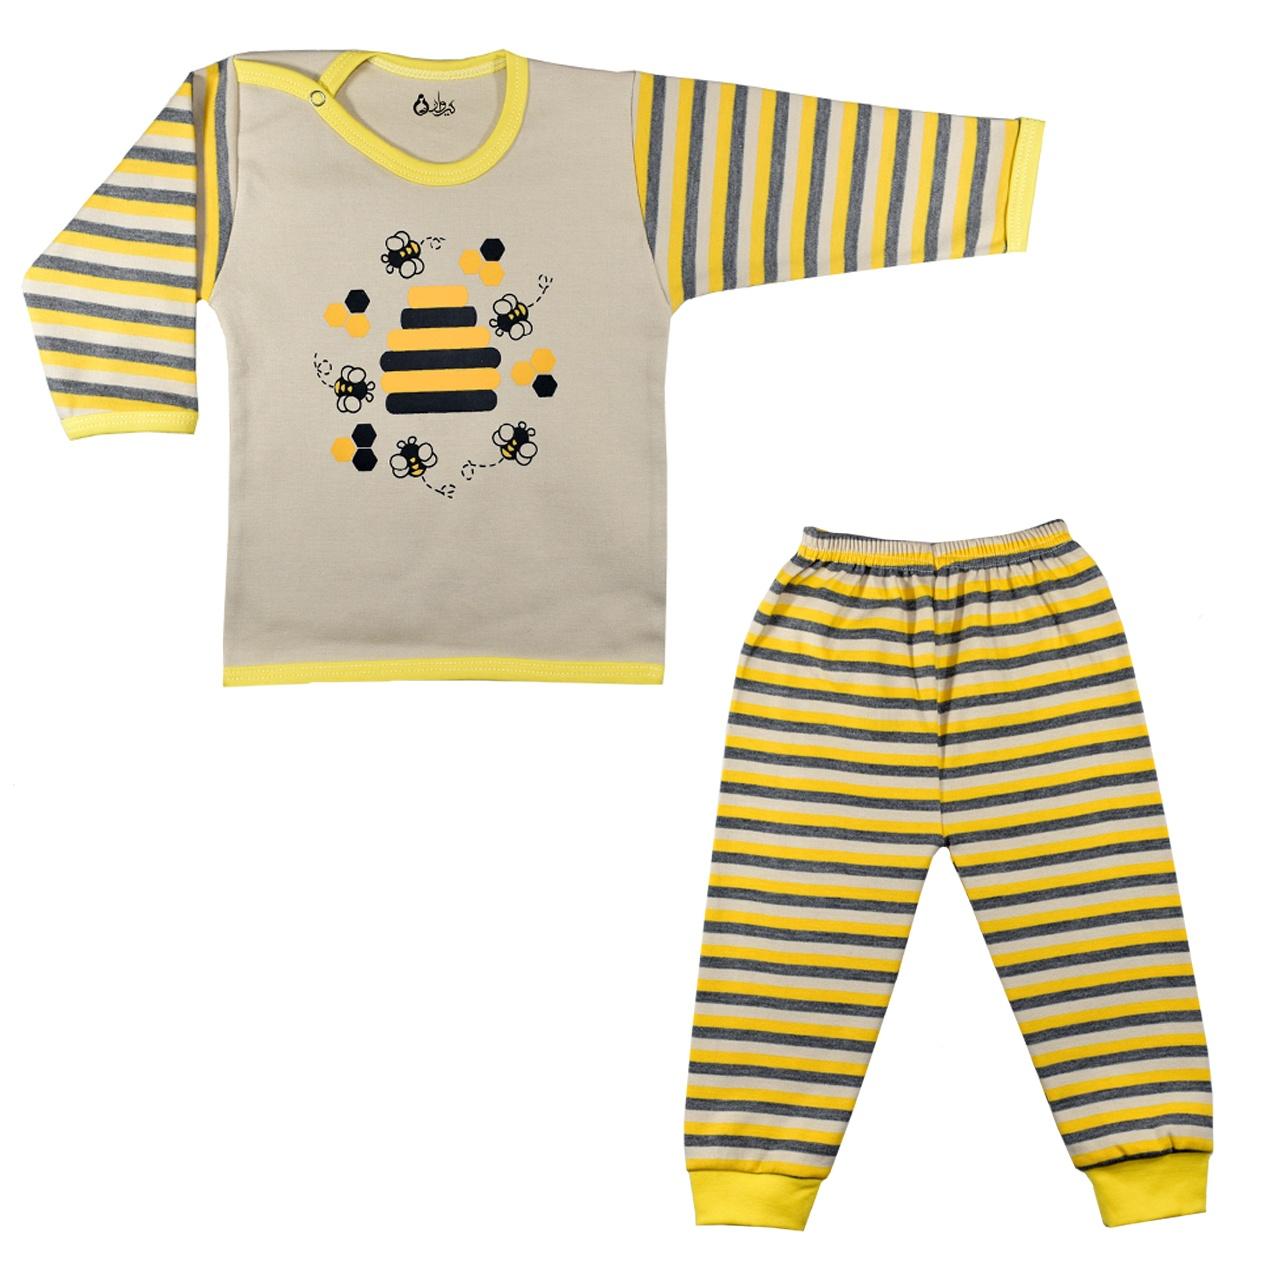 ست تی شرت و شلوار نوزادی نیروان طرح زنبور عسل کد 1